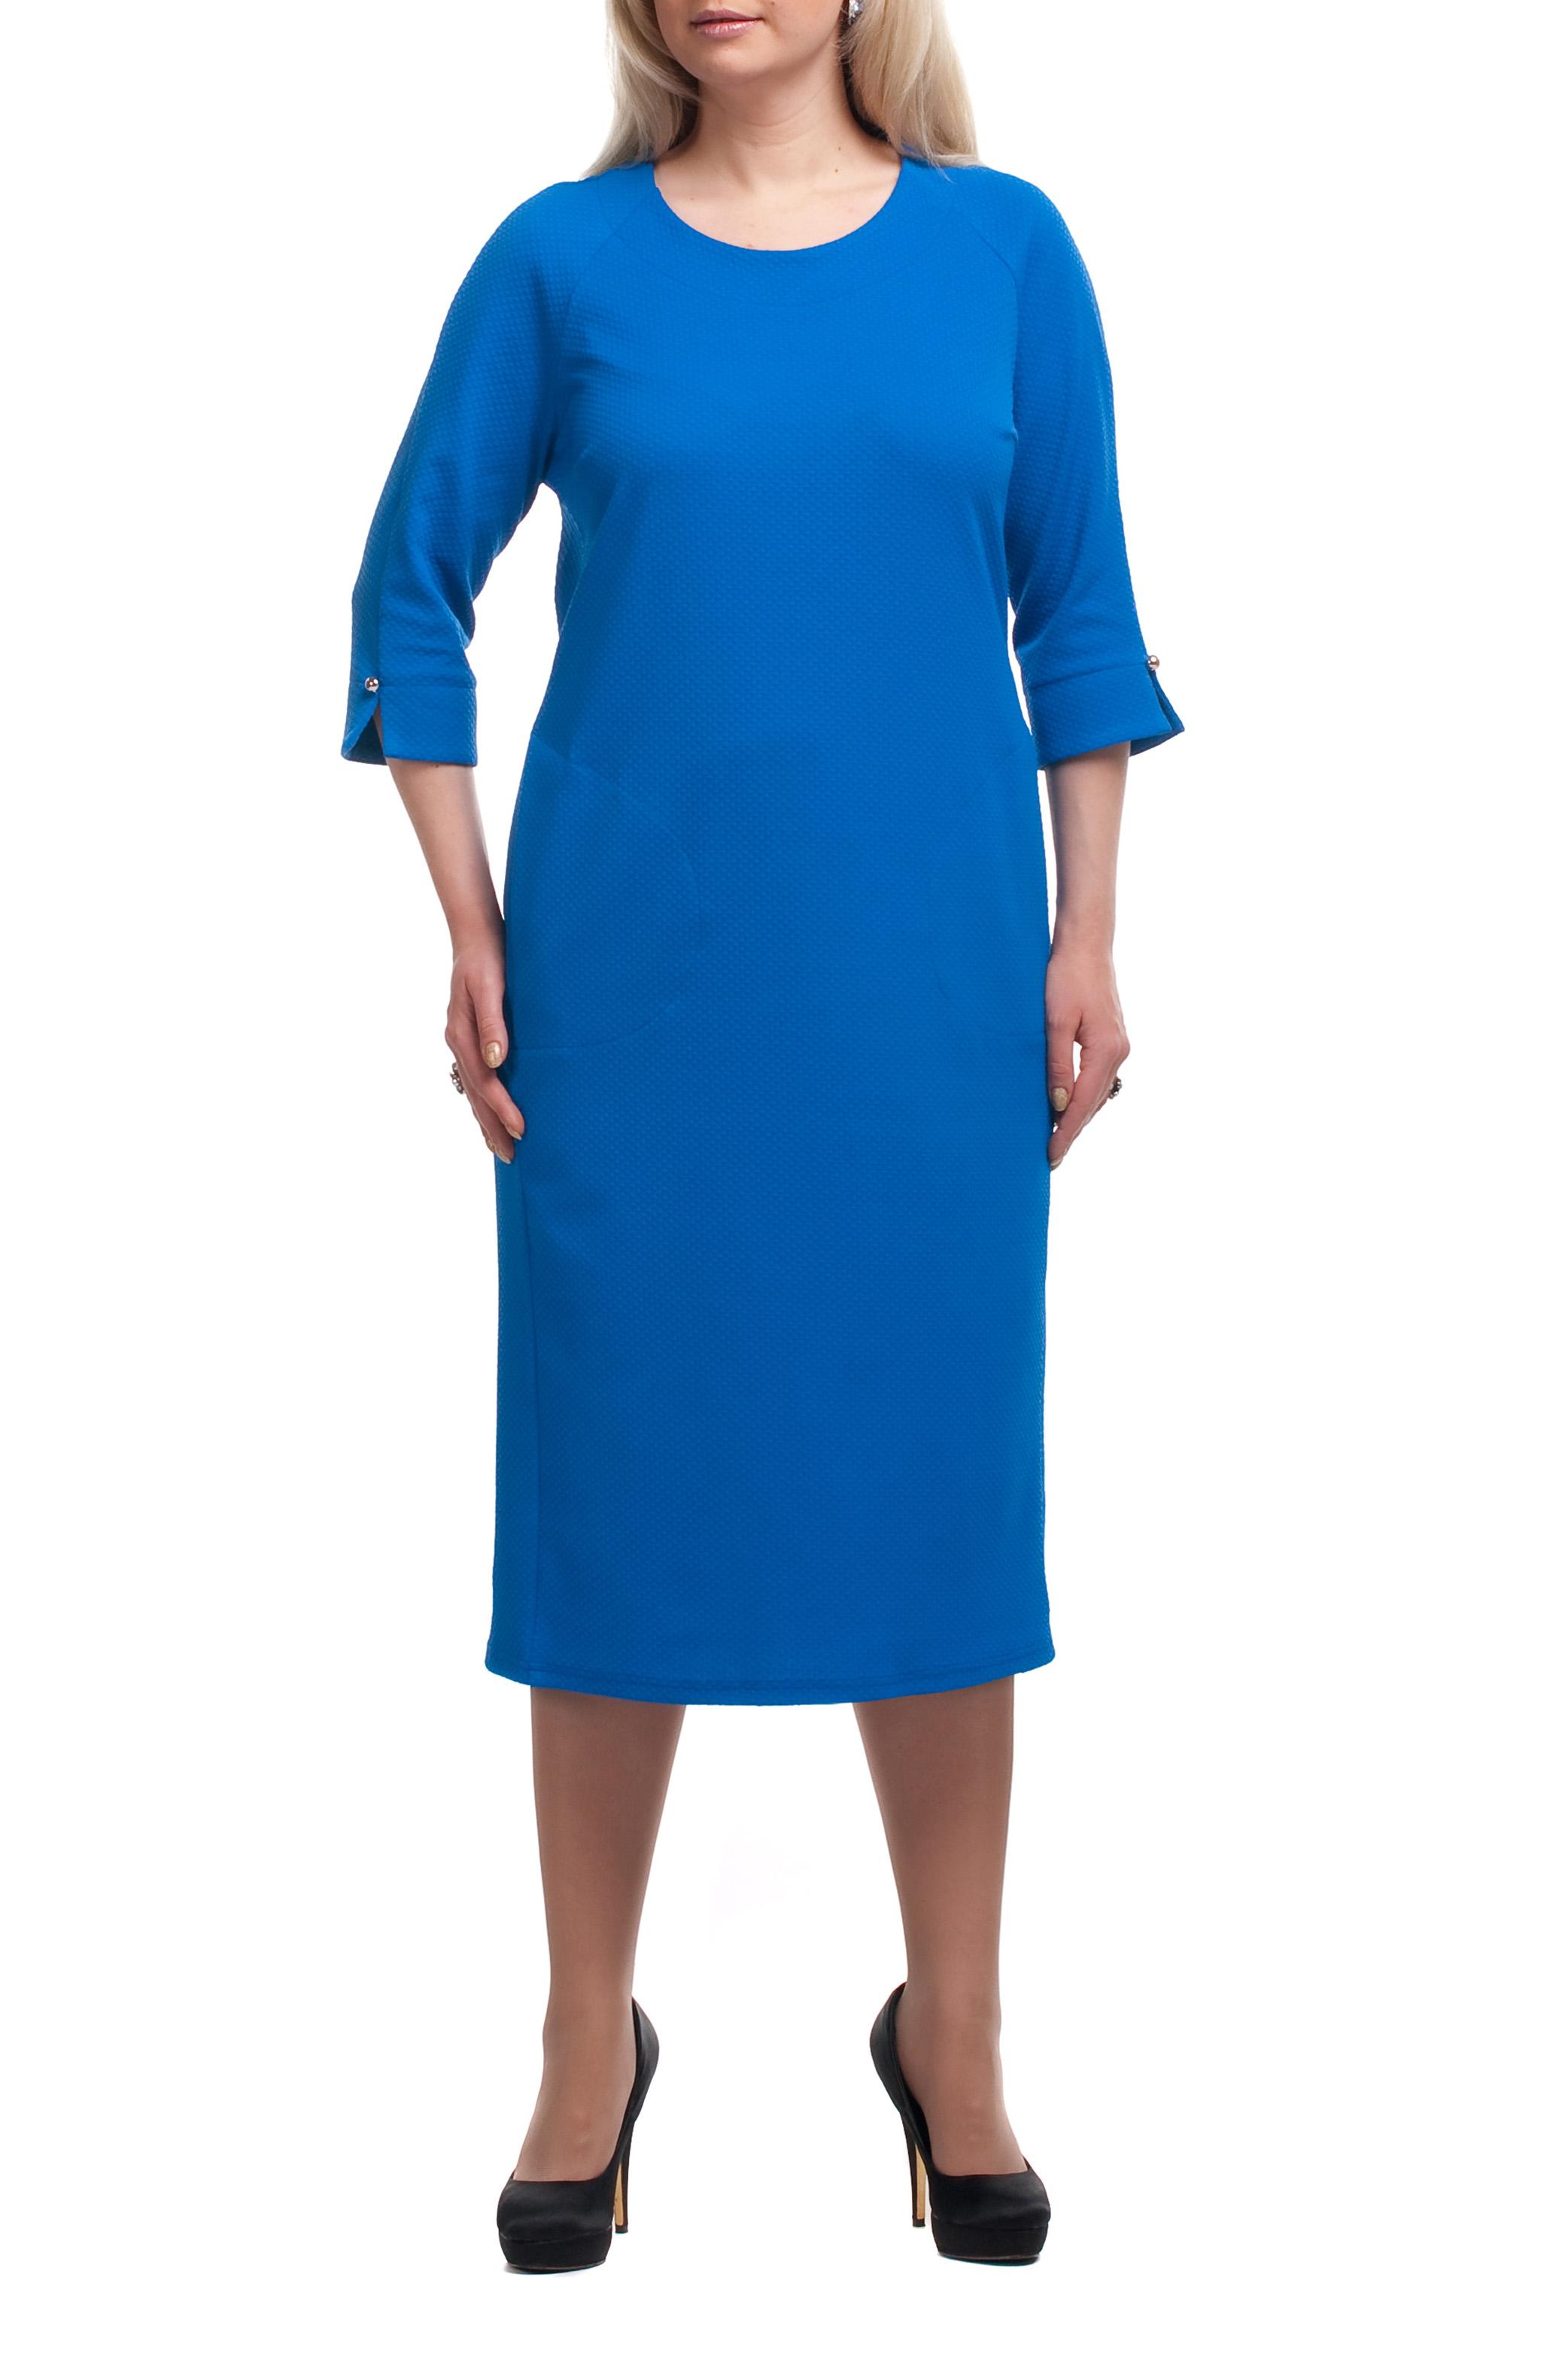 ПлатьеПлатья<br>Восхитительное платье с круглой горловиной, двумя карманами и рукавами 3/4 с разрезами. Модель выполнена из однотонного трикотажа. Отличный выбор для повседневного гардероба.  Цвет: синий  Рост девушки-фотомодели 173 см<br><br>Горловина: С- горловина<br>По длине: Ниже колена<br>По материалу: Трикотаж<br>По рисунку: Однотонные<br>По силуэту: Полуприталенные<br>По стилю: Повседневный стиль<br>По форме: Платье - футляр<br>По элементам: С карманами<br>Рукав: Рукав три четверти<br>По сезону: Осень,Весна,Зима<br>Размер : 52,54,66,68,70<br>Материал: Трикотаж<br>Количество в наличии: 11